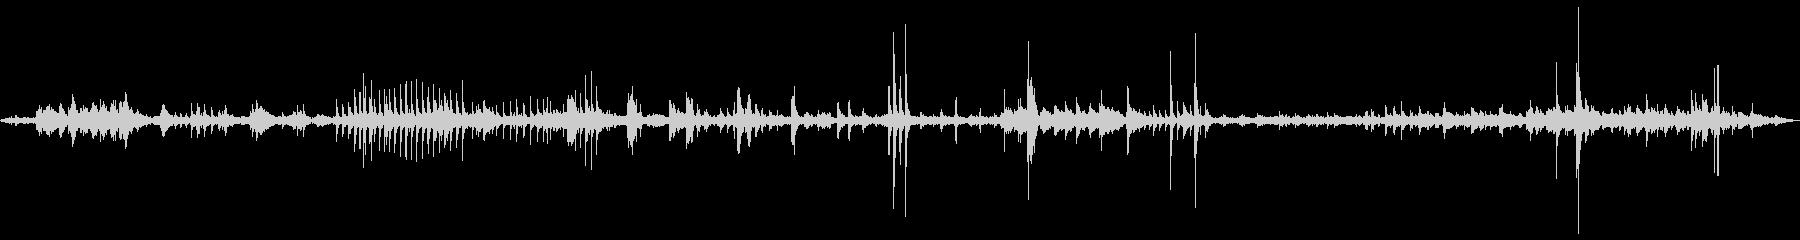 建築現場の環境音 1bの未再生の波形